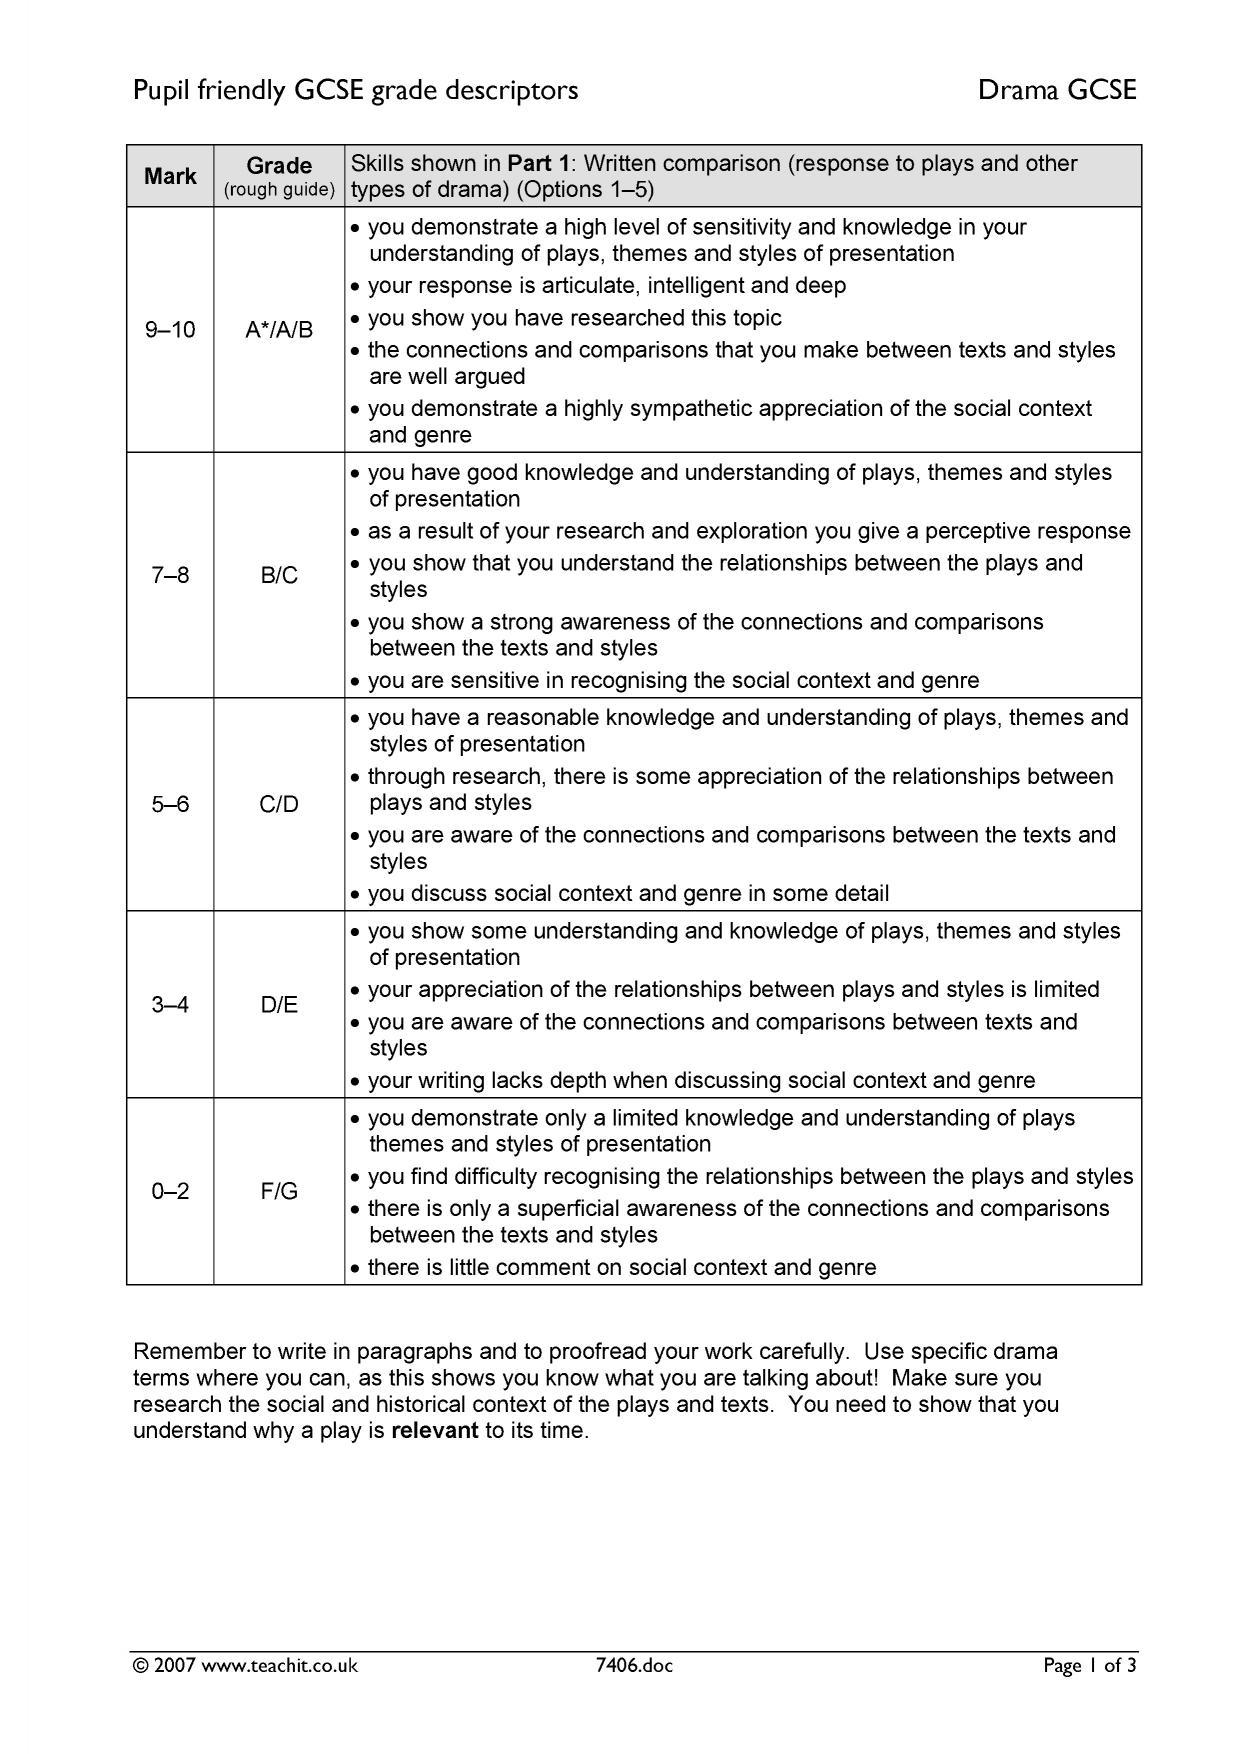 Pupil Friendly Gcse Grade Descriptors